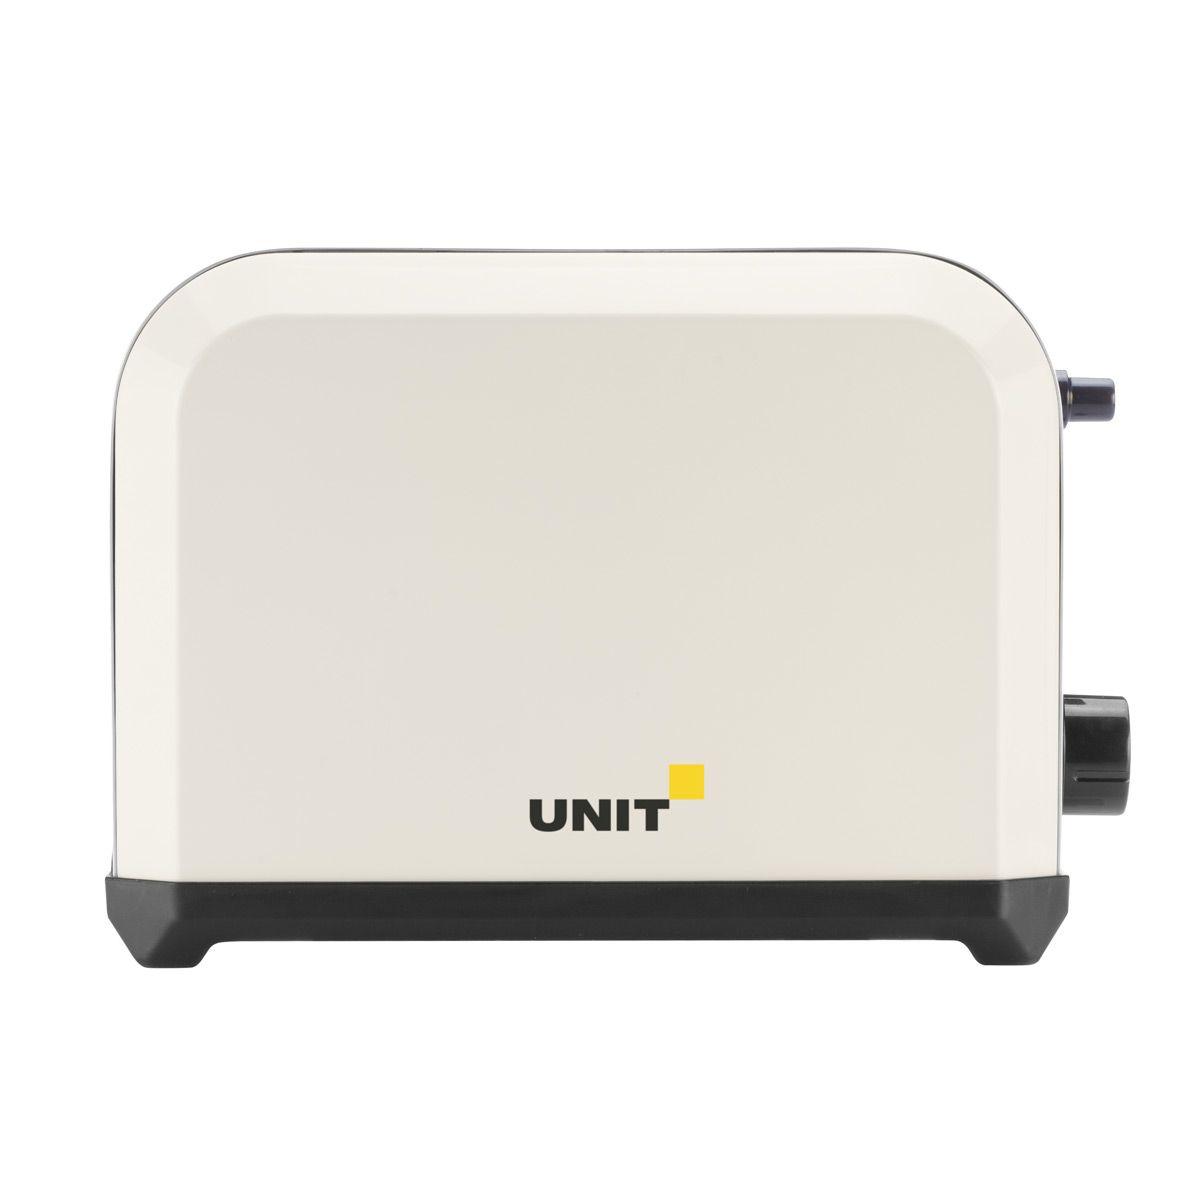 Unit UST-018, Beige тостерCE-0353957Тостер Unit UST-018 представляет собой сочетание удобства, функциональности и элегантного внешнего вида. Мощность в 750 Вт, простота управления и быстрое приготовление тостов, дополняется возможностью выбора степени прожаривания. Компактное и легкое в управлении устройство позволит приготовить вкуснейшие тосты за считанные минуты стразу на двоих. Вы можете в любой момент остановить процесс поджаривания! Ухаживать за тостером легко и приятно благодаря наличию поддона для крошек.